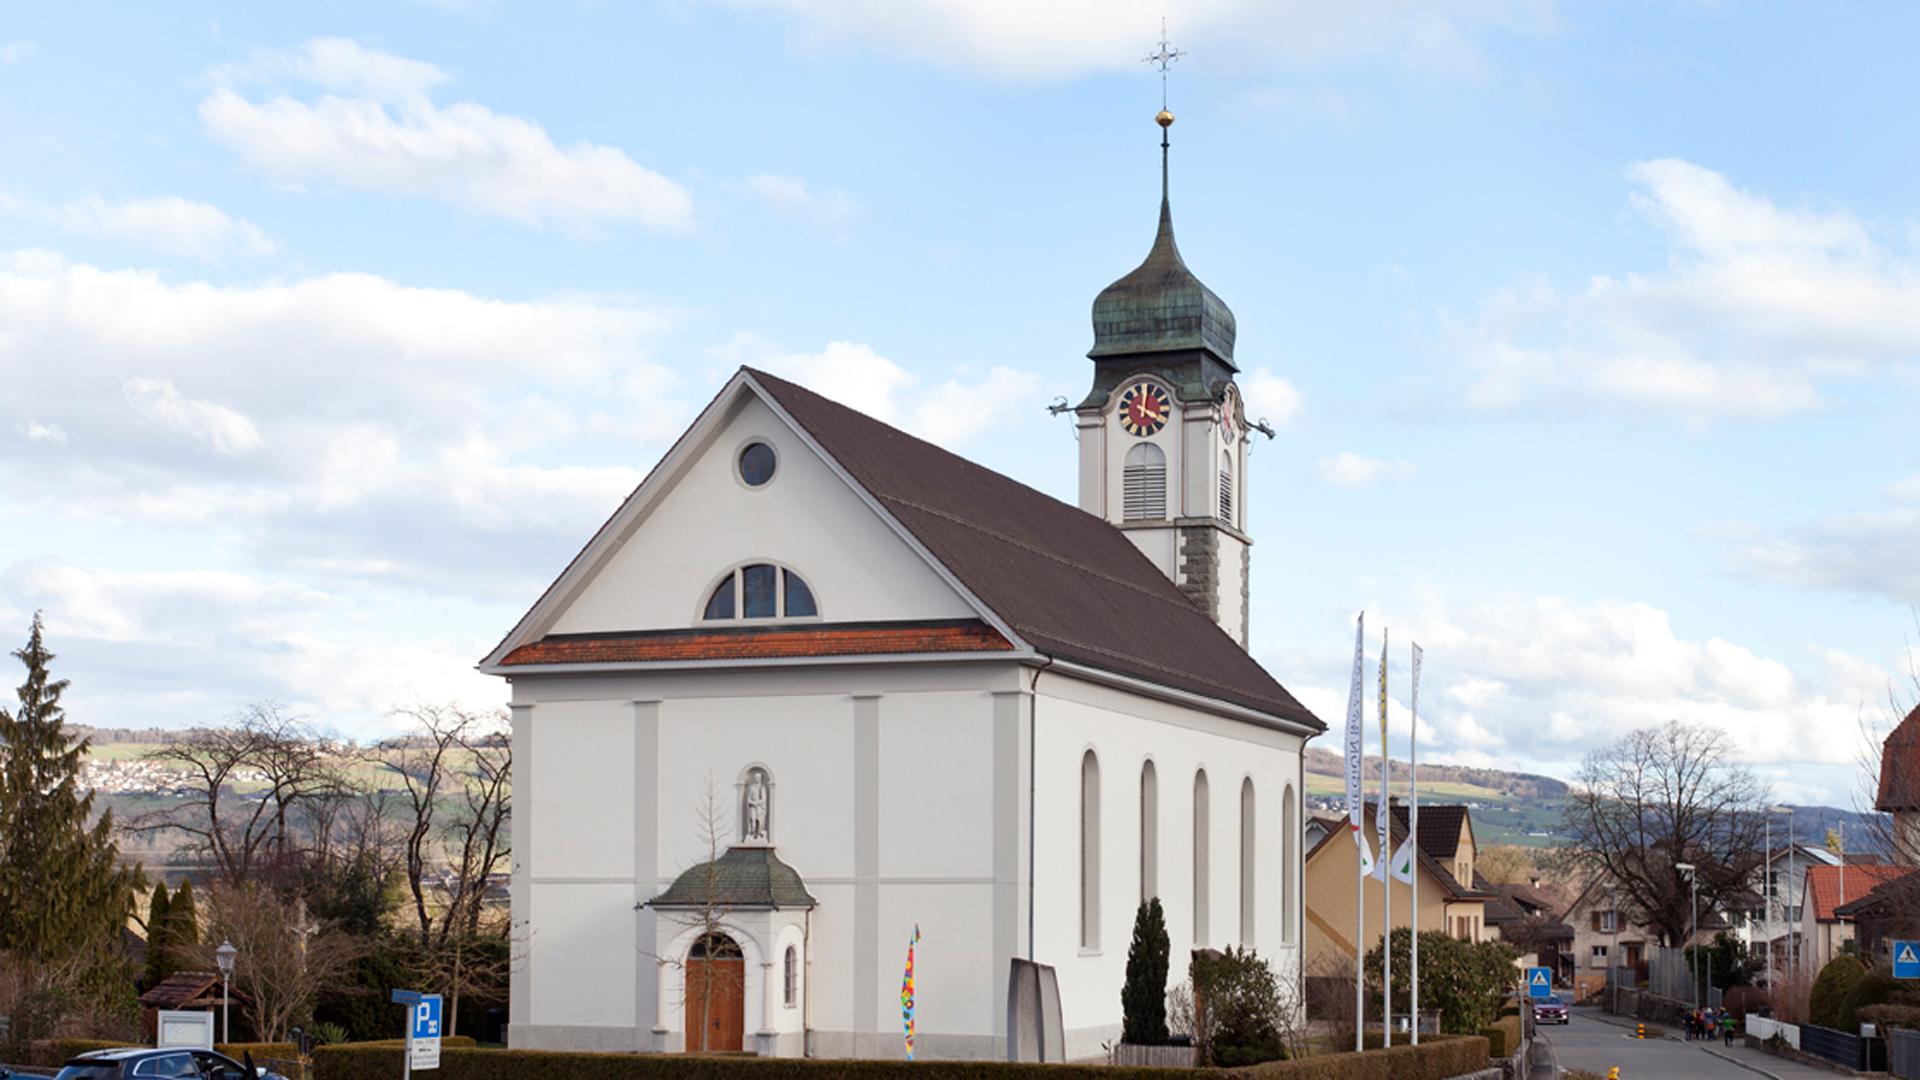 Tägerig, St. Wendelin   © Roger Wehrli